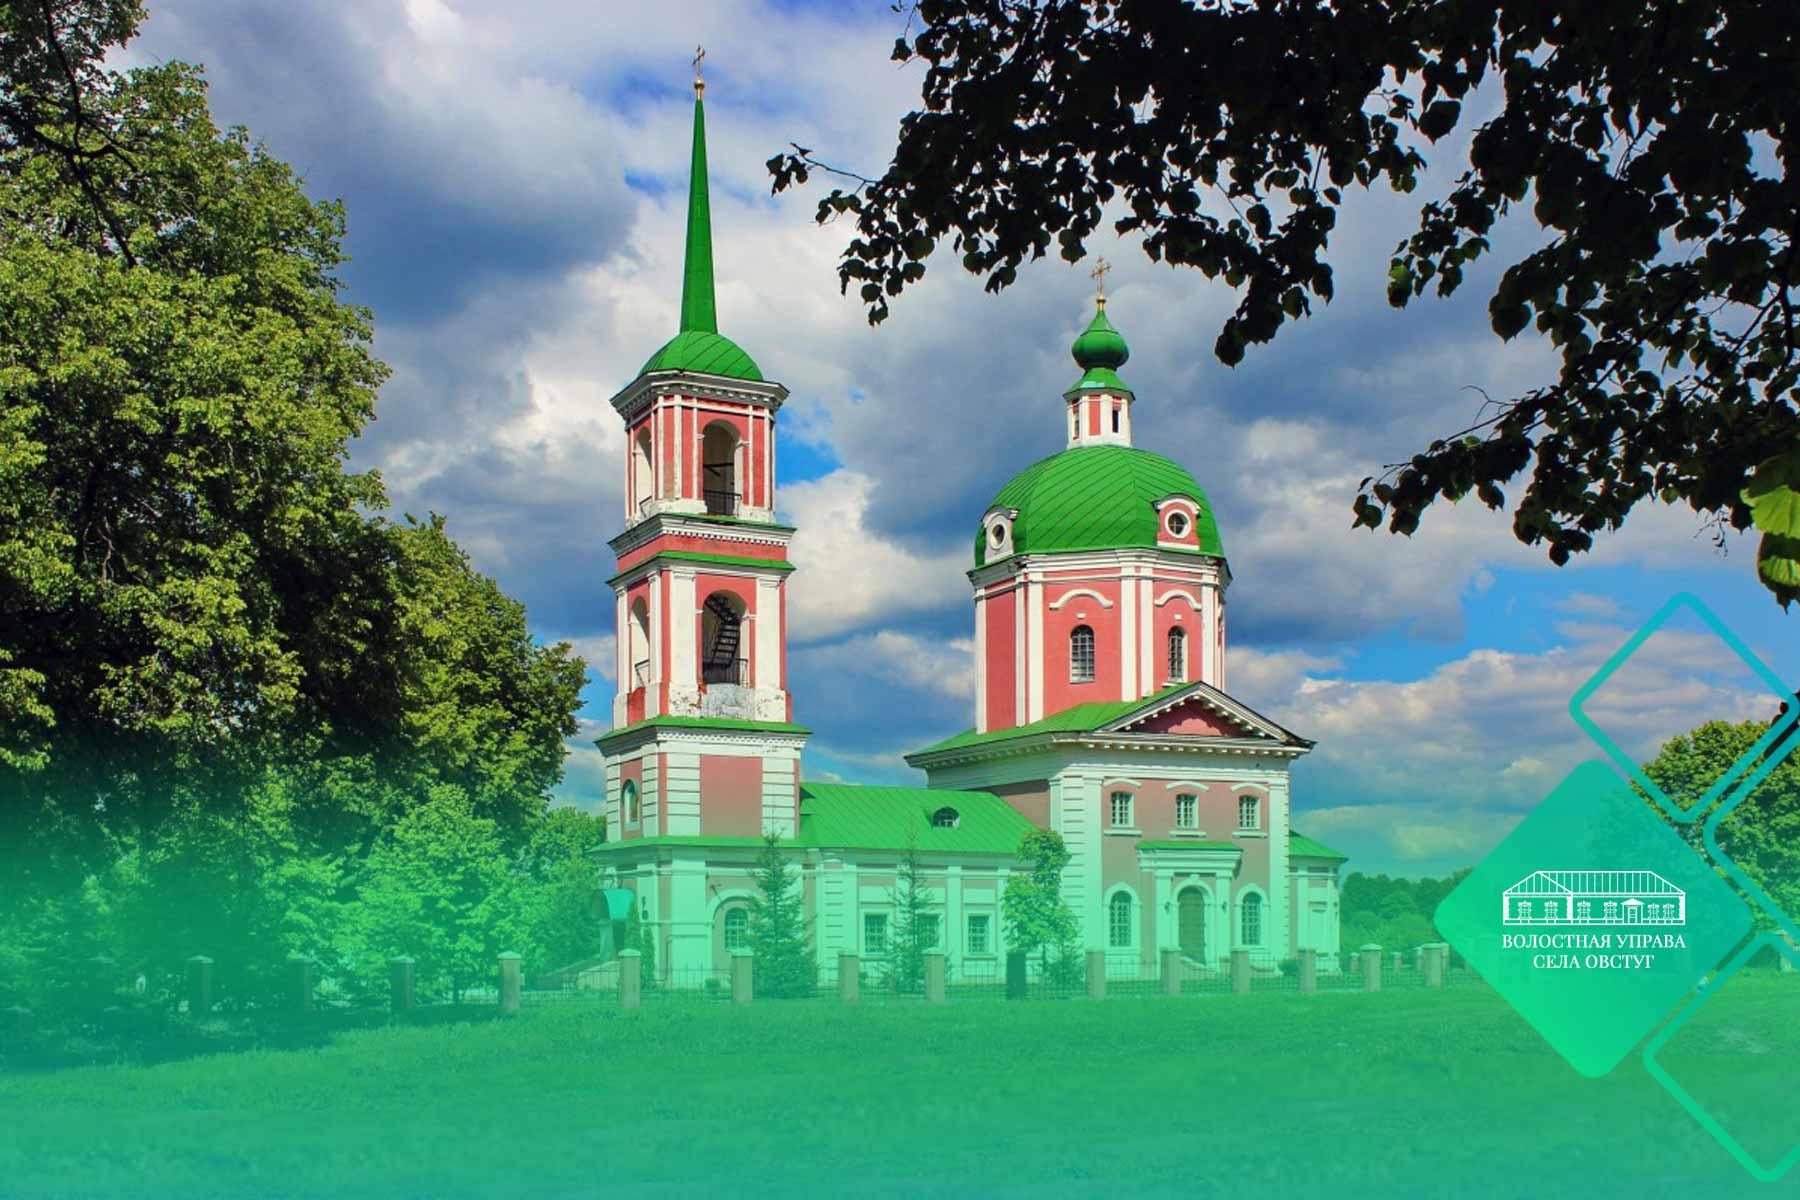 На празднике Успения Пресвятой Богородицы состоится презентация проекта «Волостная управа как центр жизни села Овстуг».